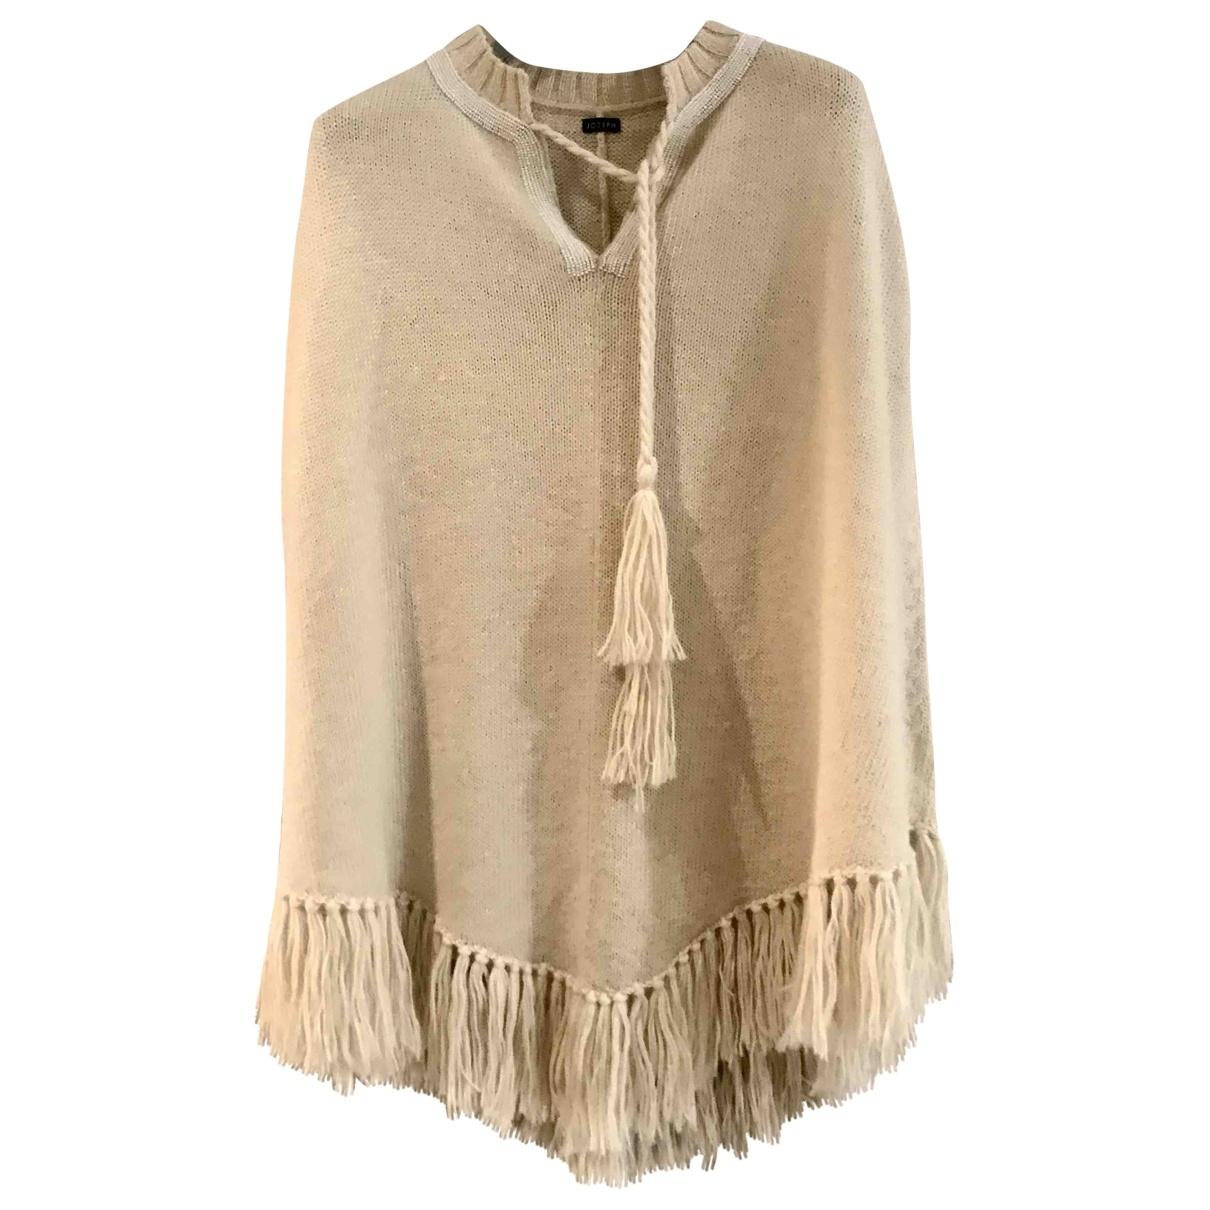 Joseph \N Beige Wool Knitwear for Women One Size 0-5